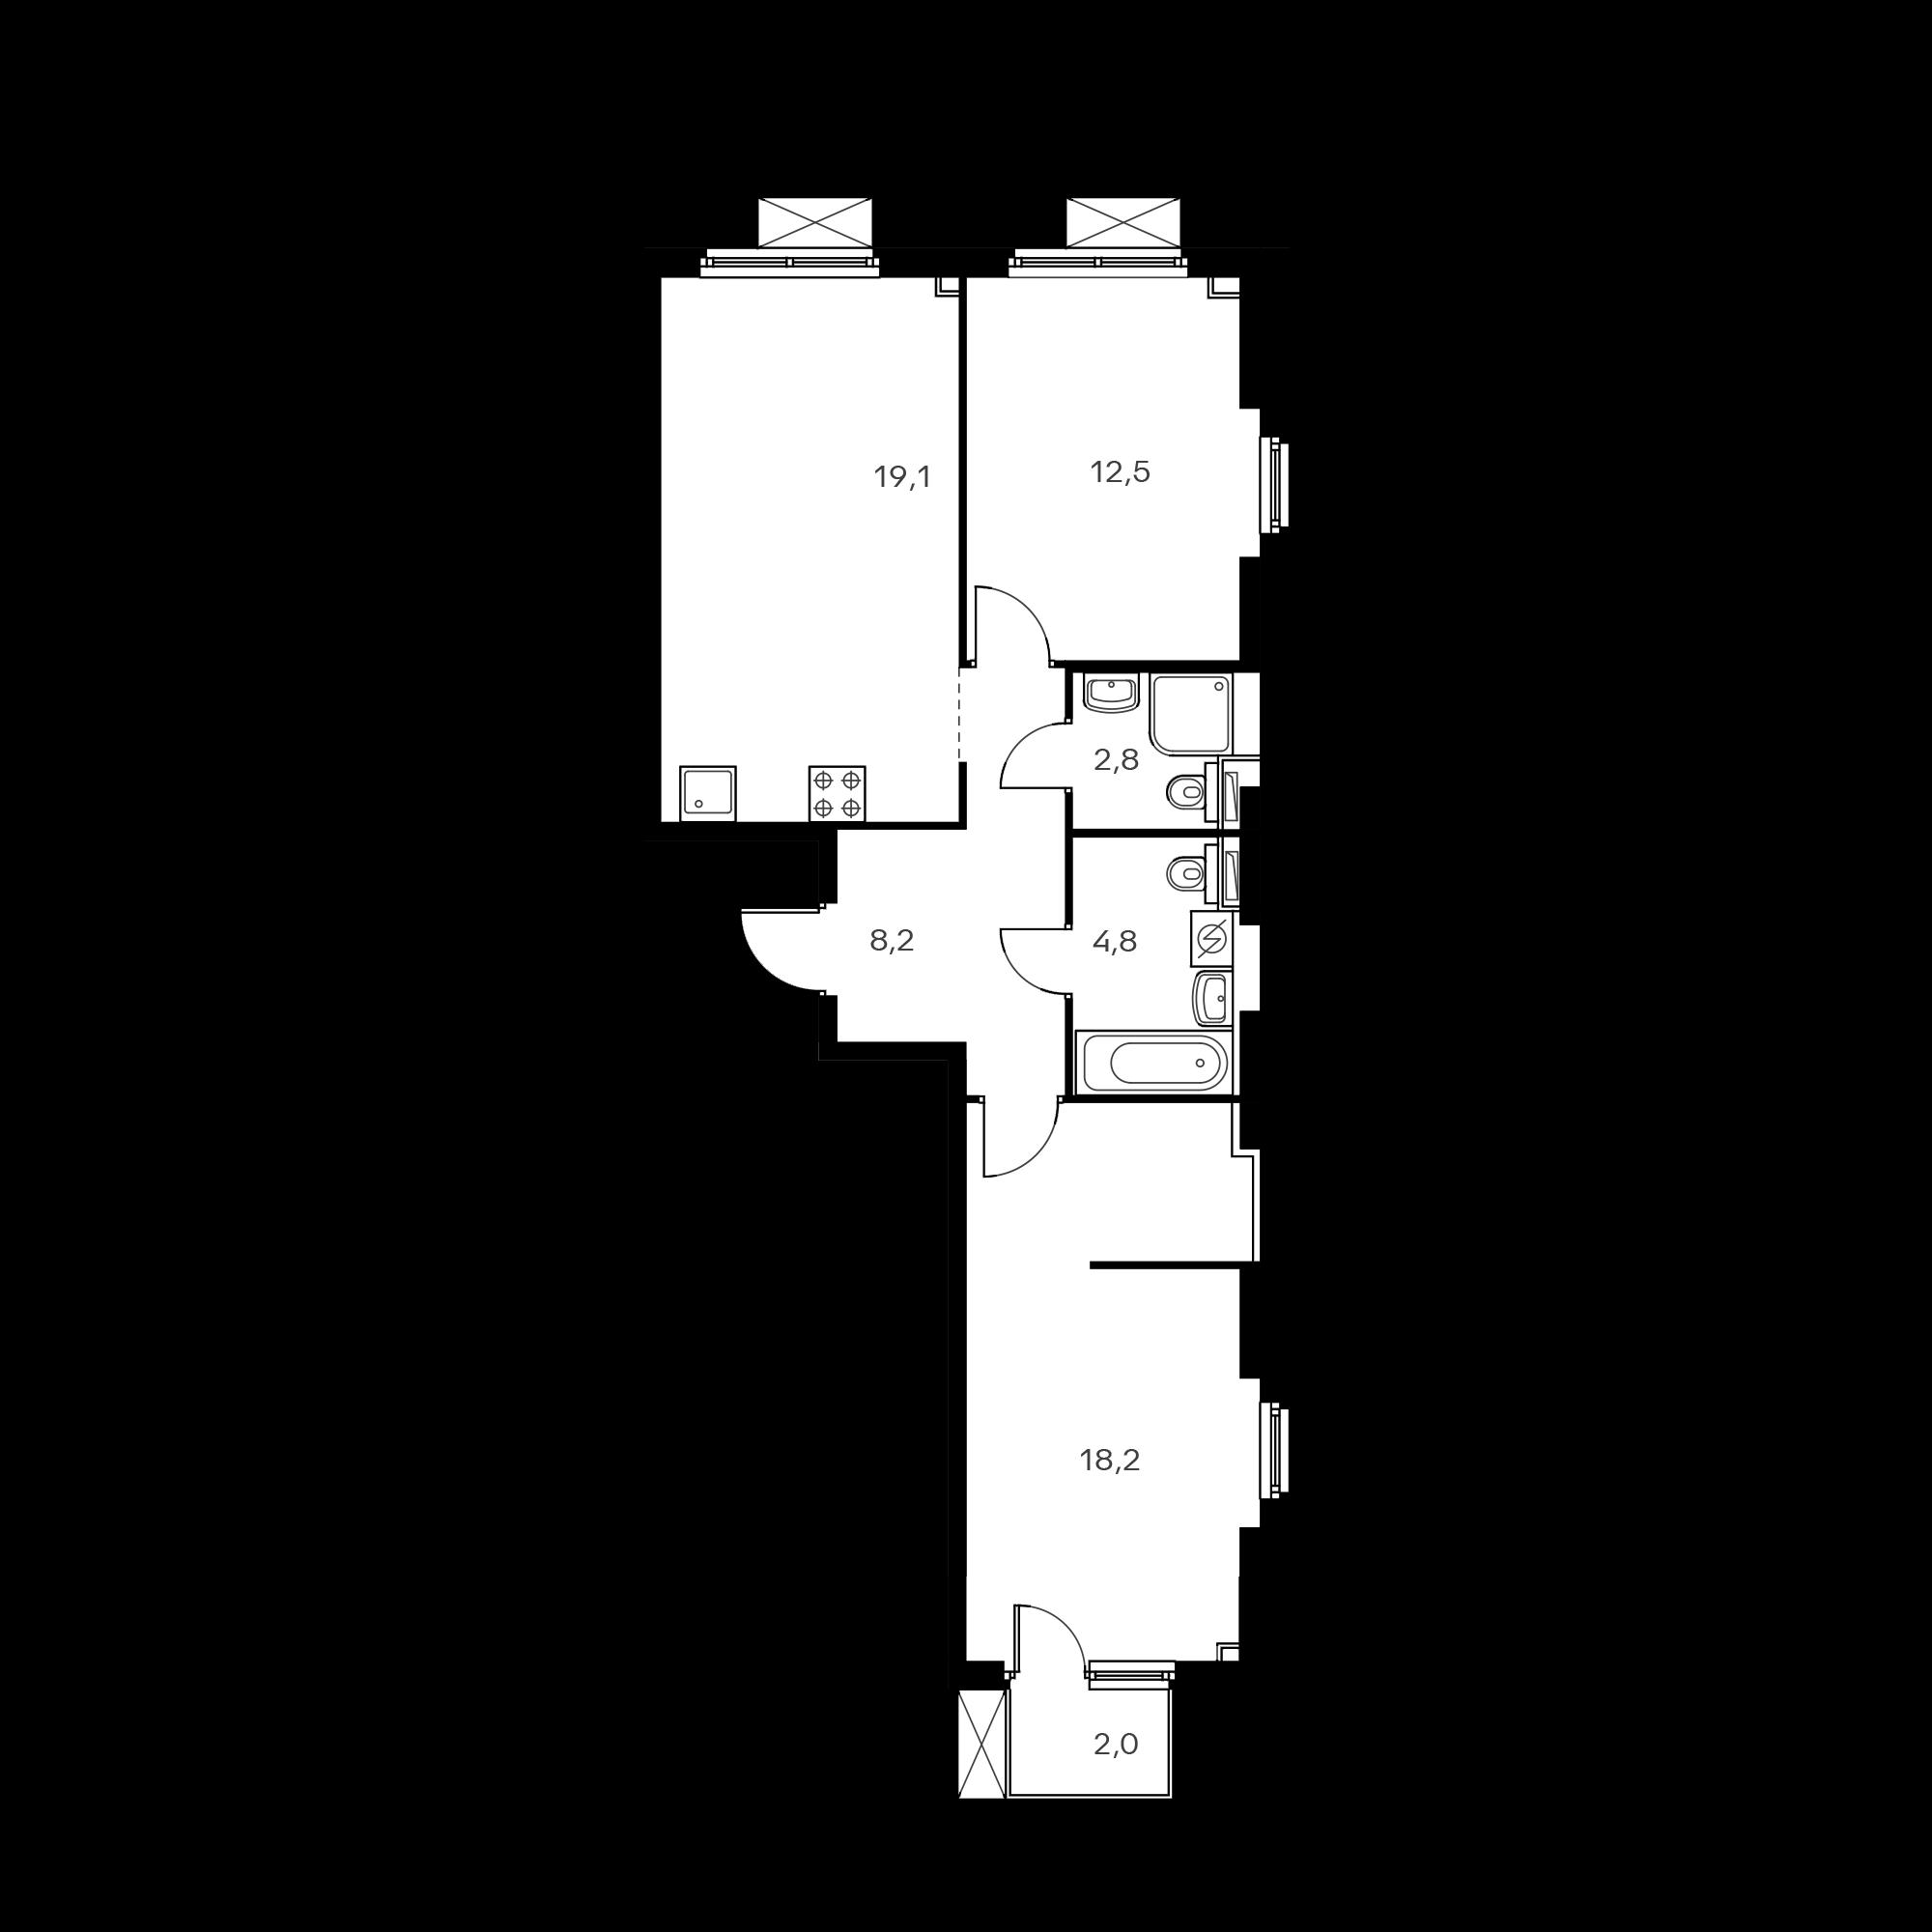 2EL3_6.6-1_T_B(R1-2,0)